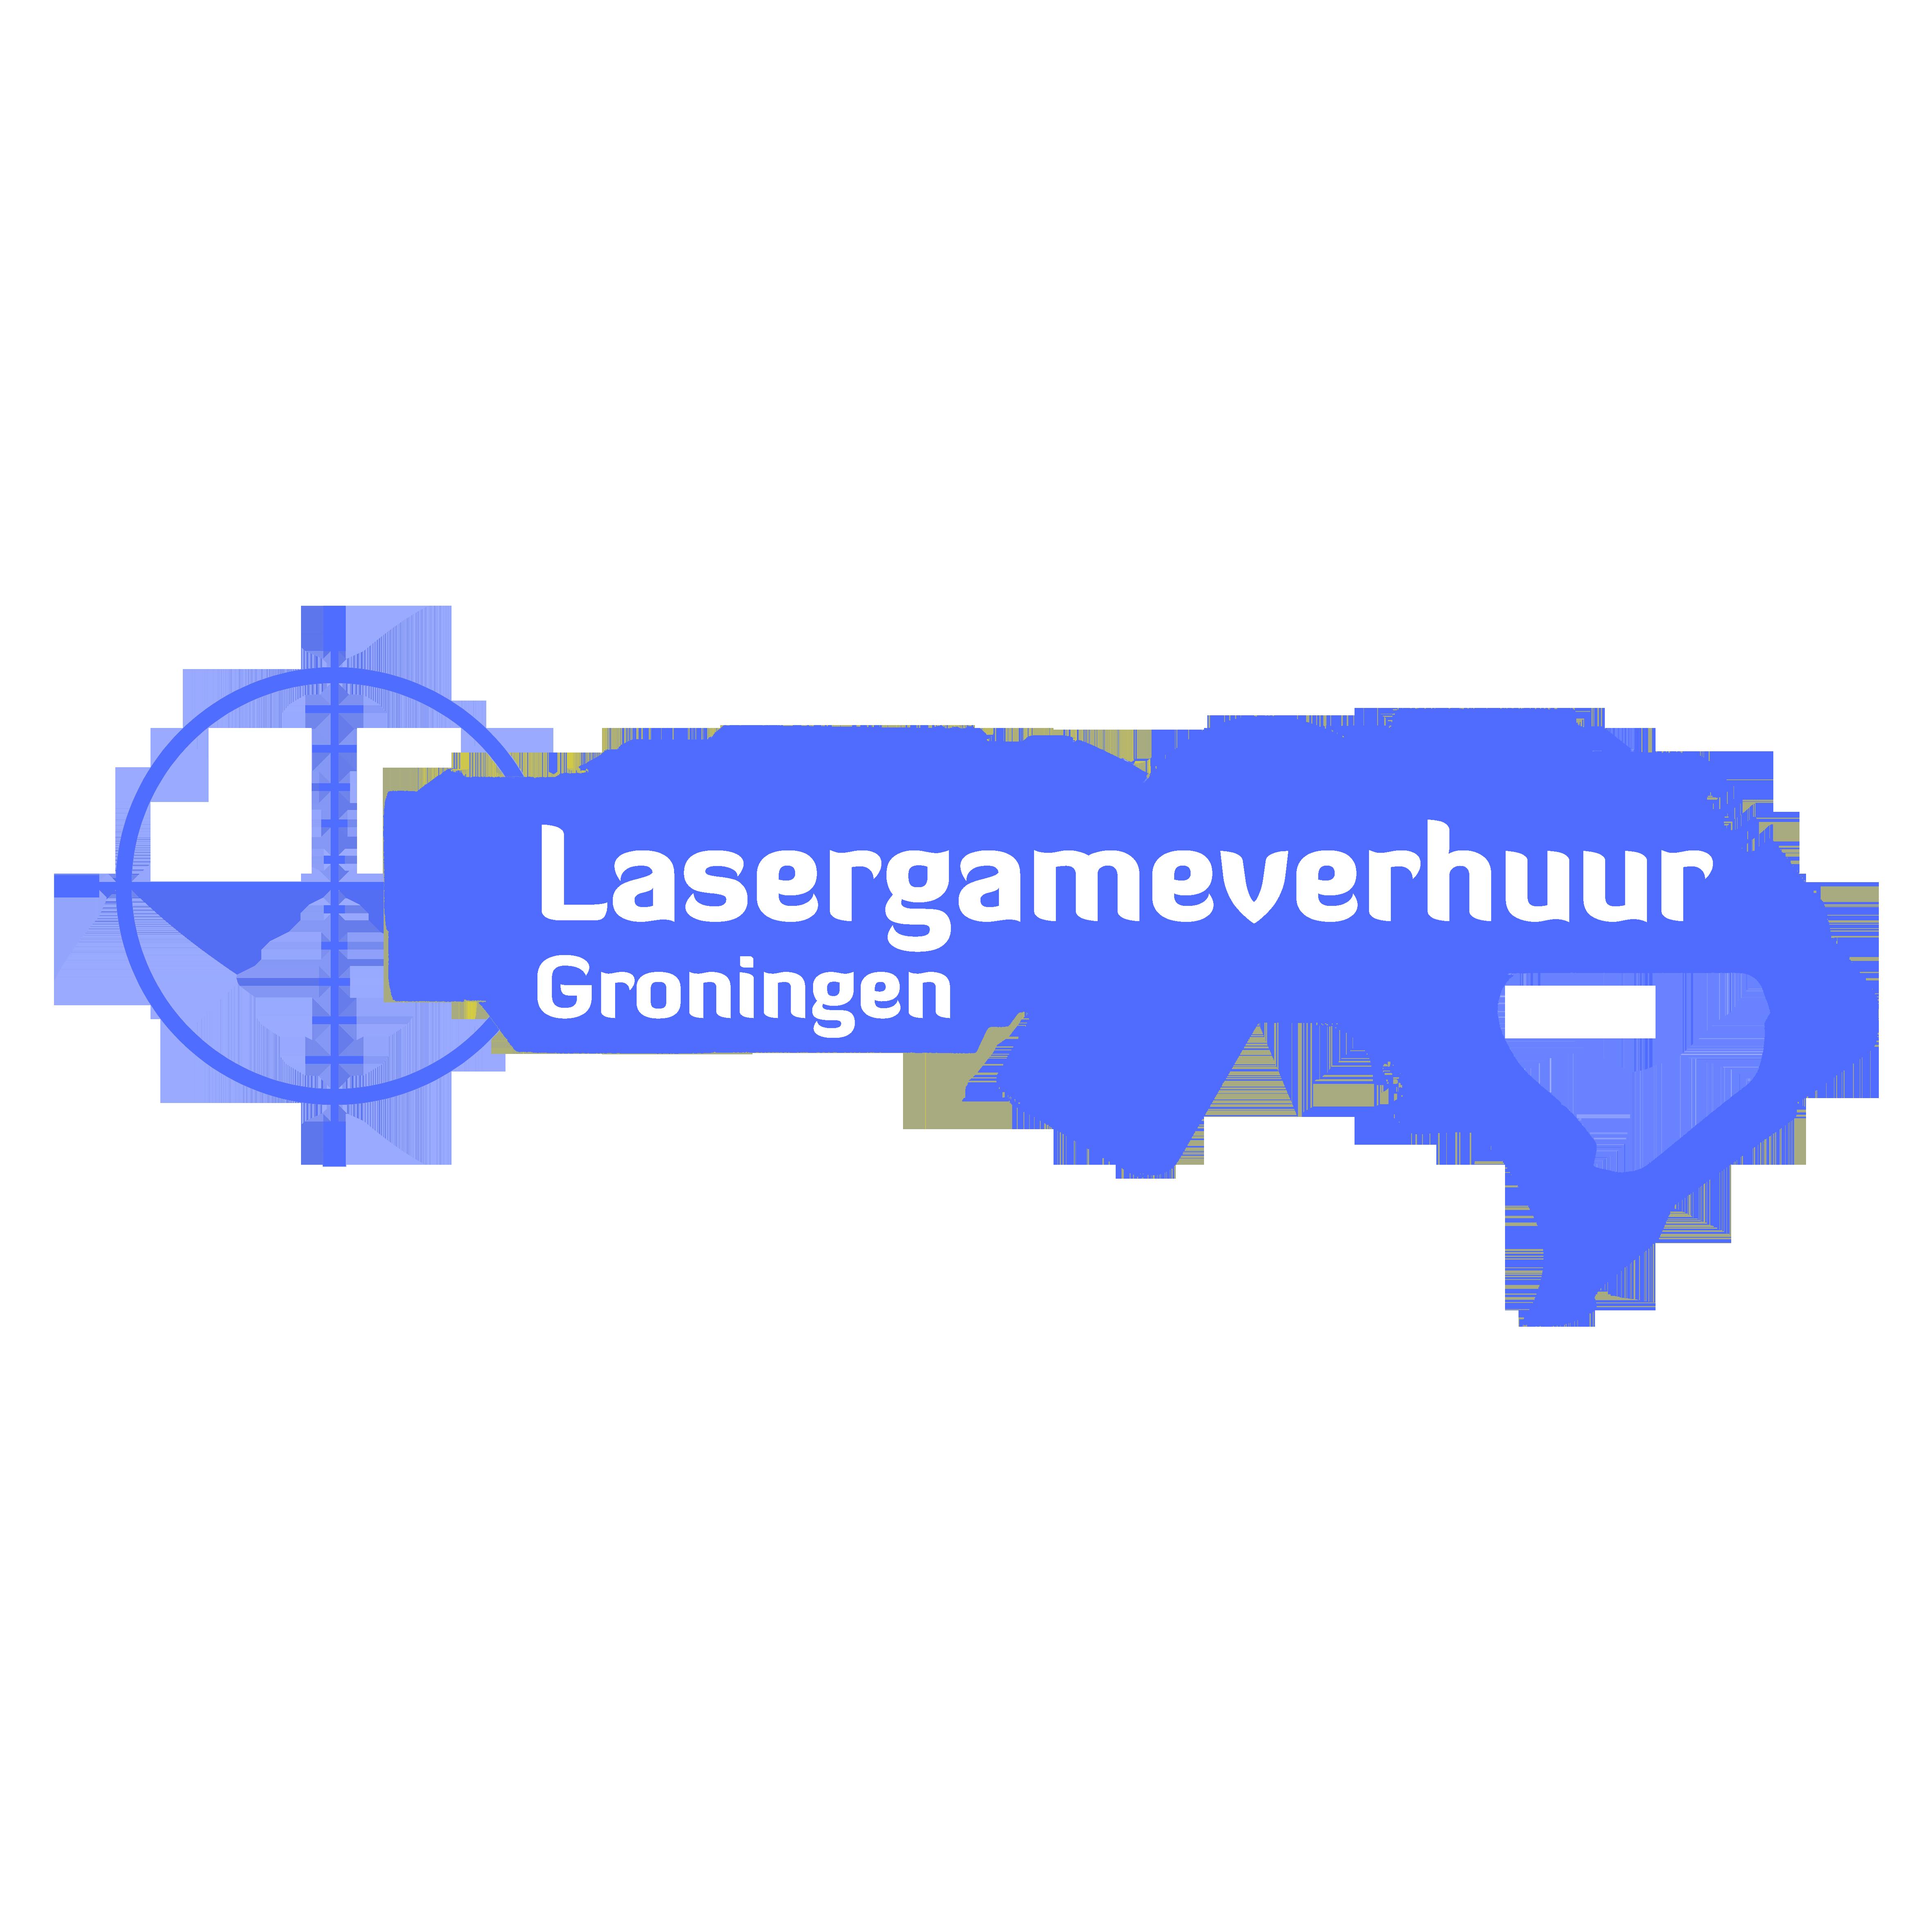 Lasergameverhuur Groningen